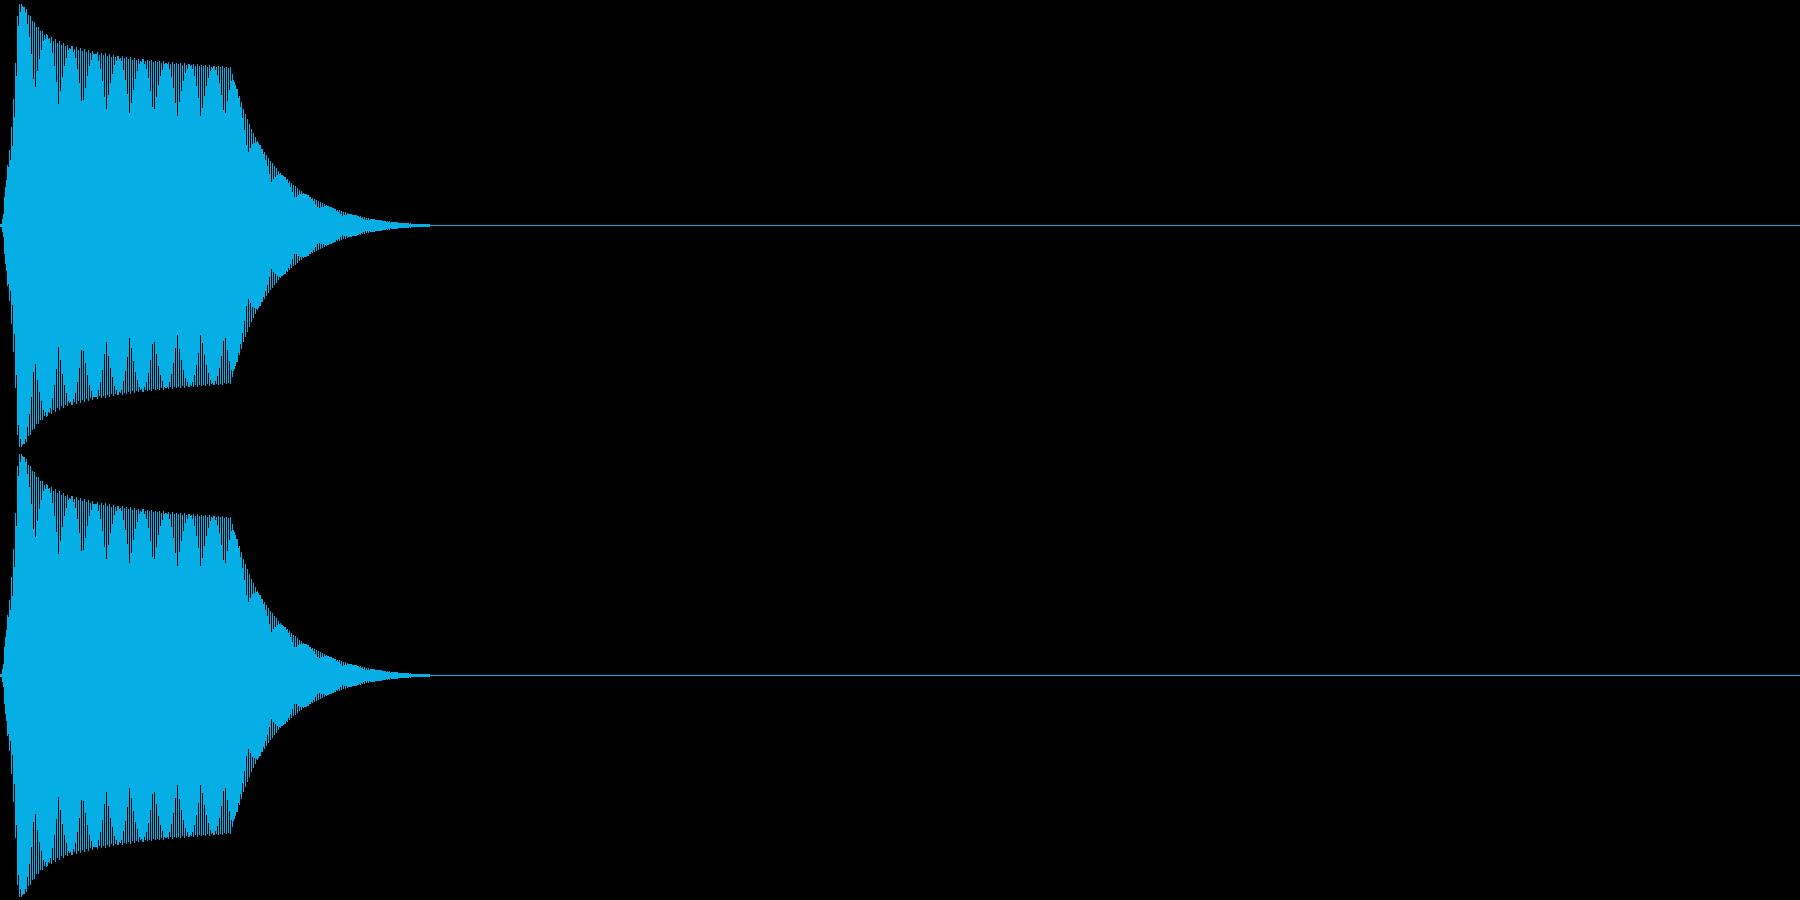 プッ(小決定音とかに使える電子音)の再生済みの波形